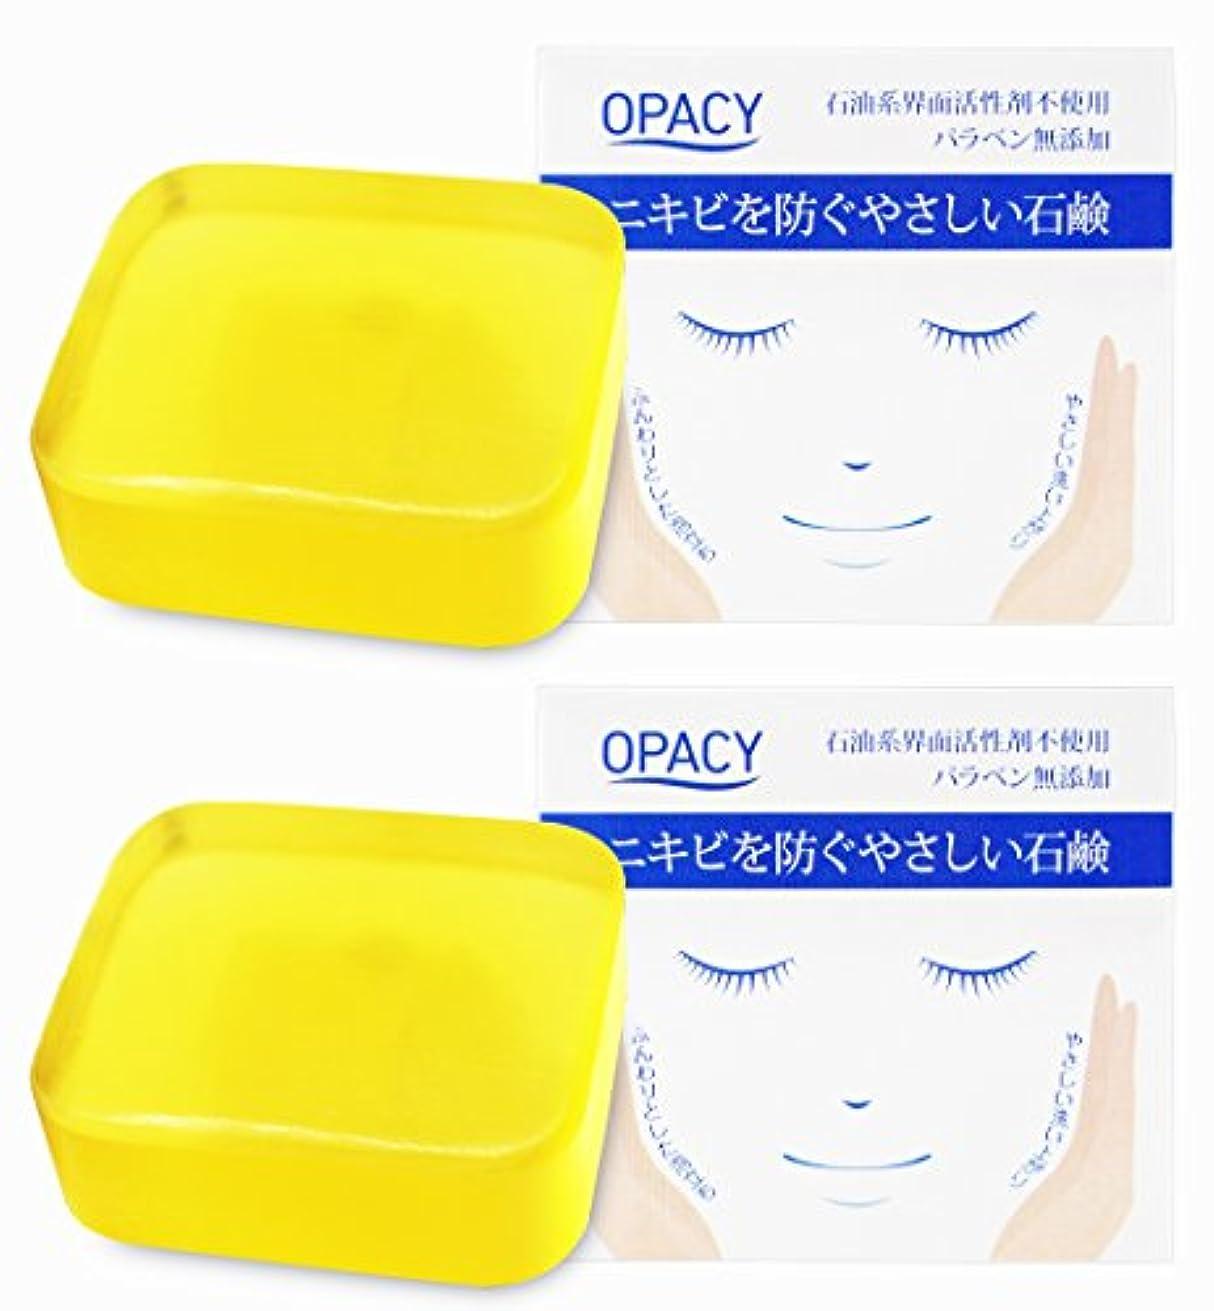 救出ムスタチオ中に【2個セット】オパシー石鹸100g (2個)